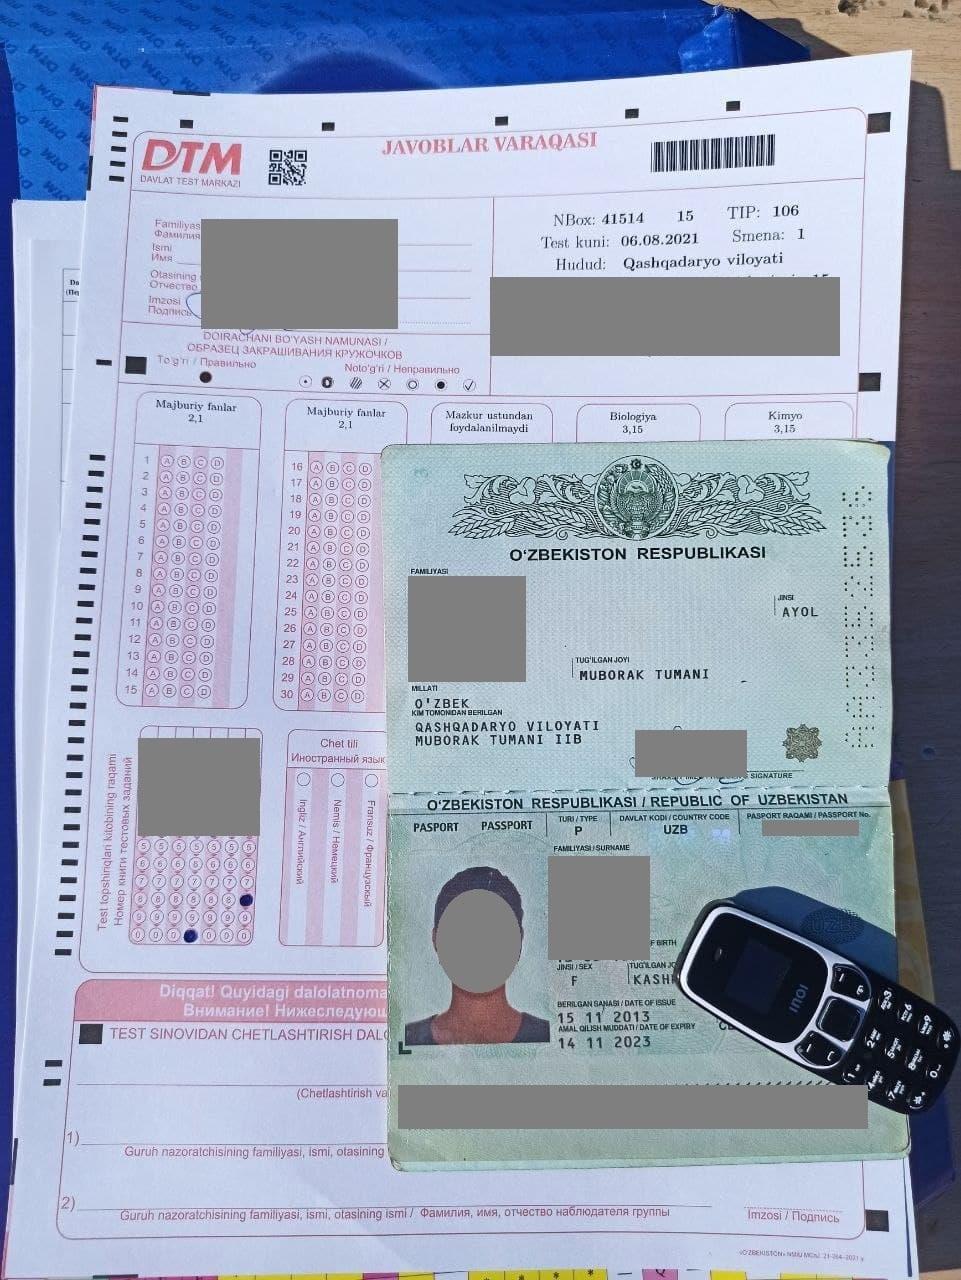 ГЦТ опубликовал фото устройств, которые пытались пронести абитуриенты на экзамены